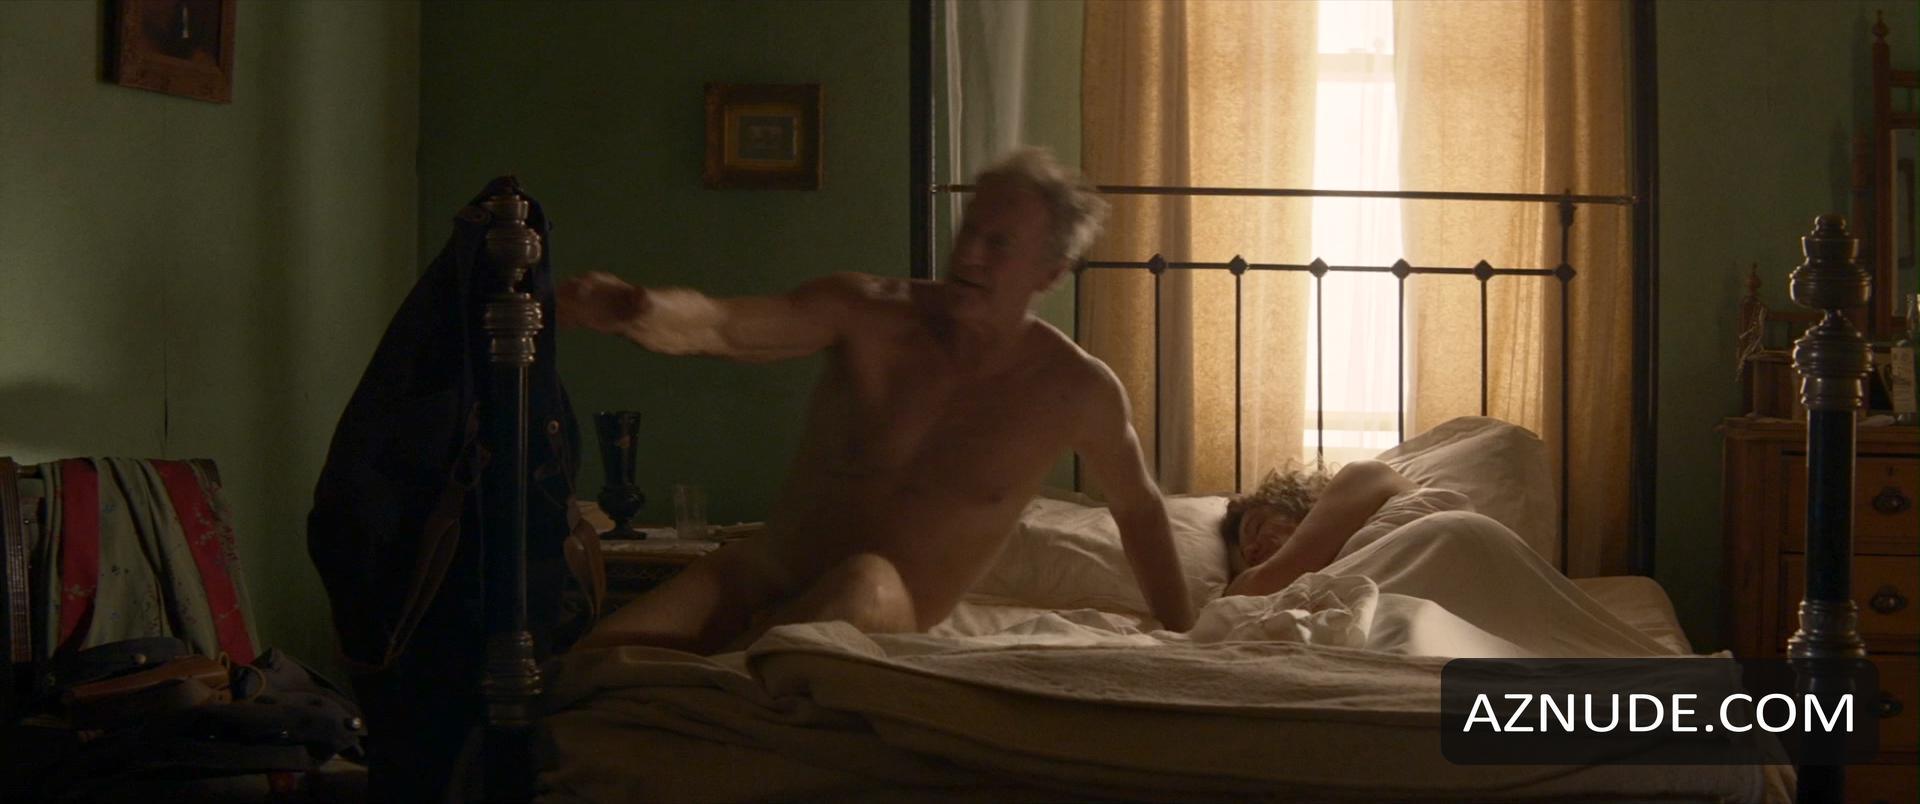 bryan brown nude scenes